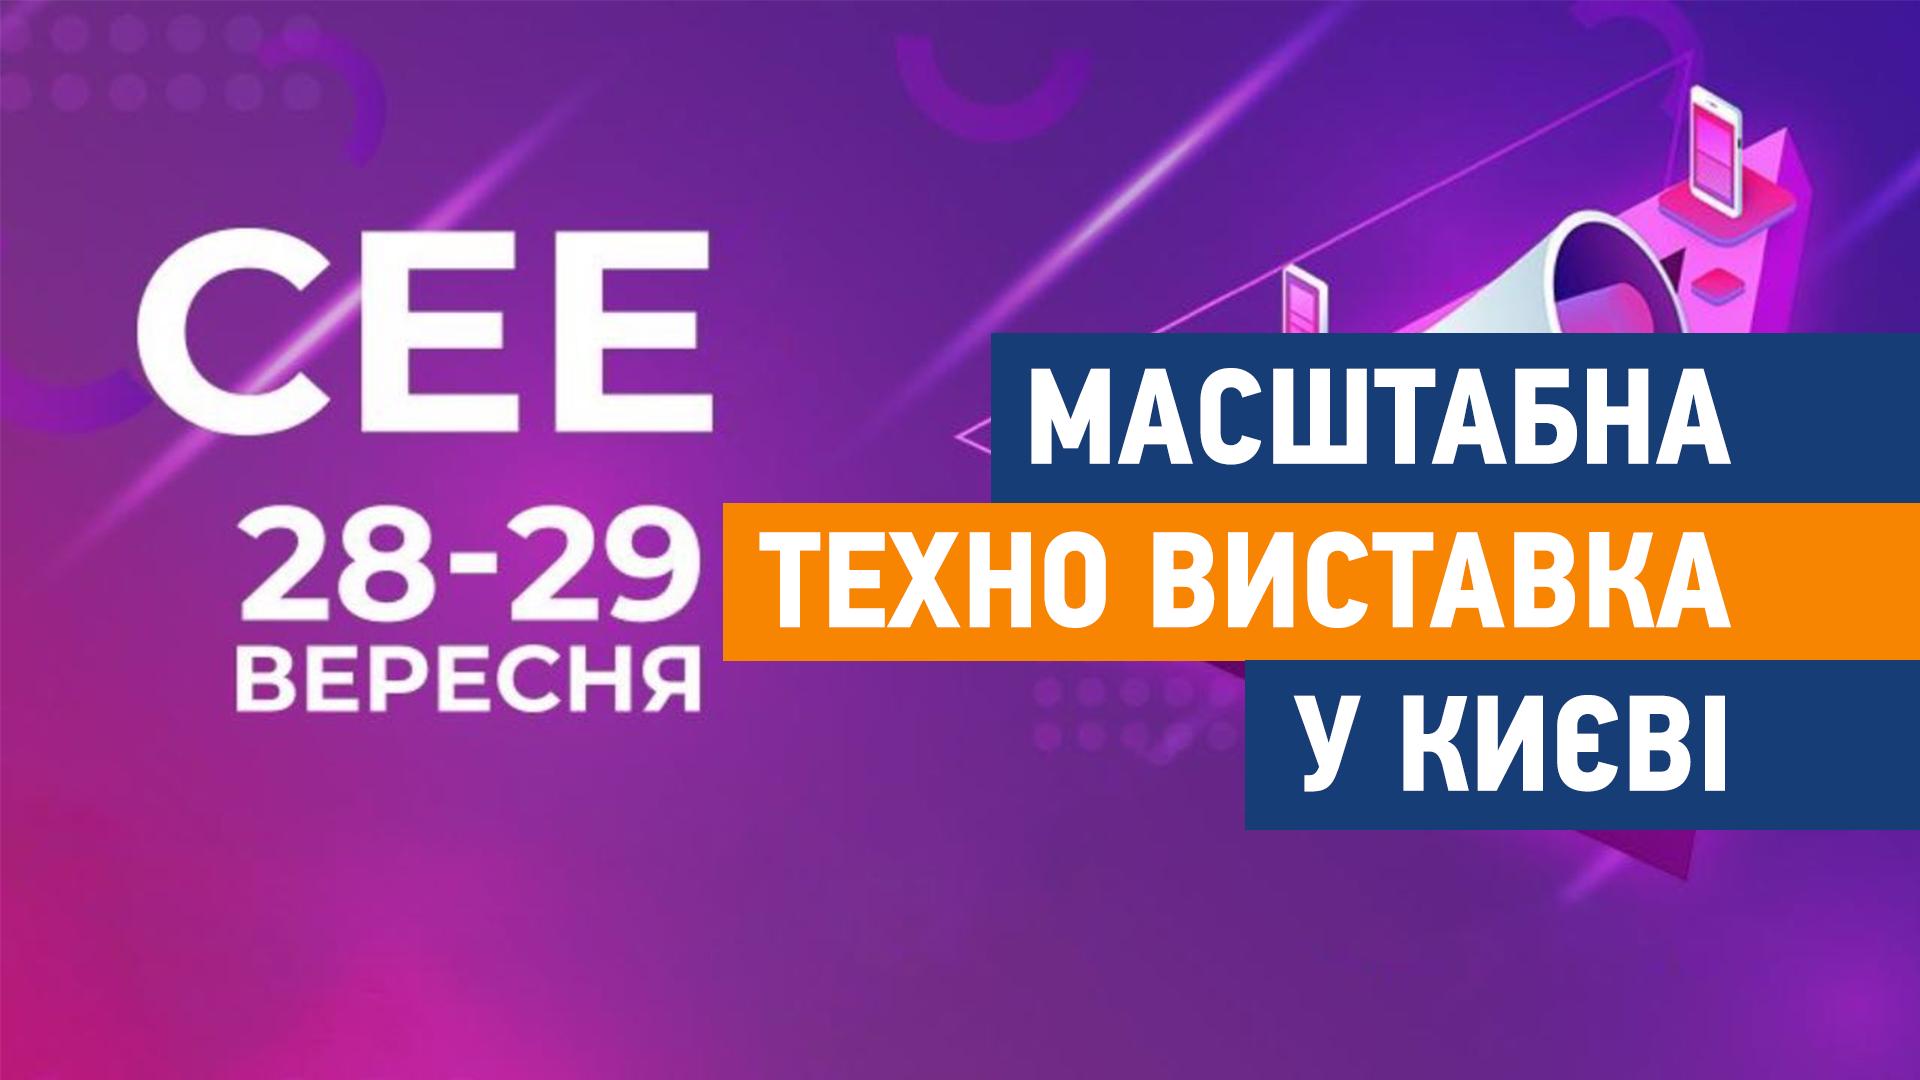 Незабаром у Києві відбудеться масштабна техно виставка